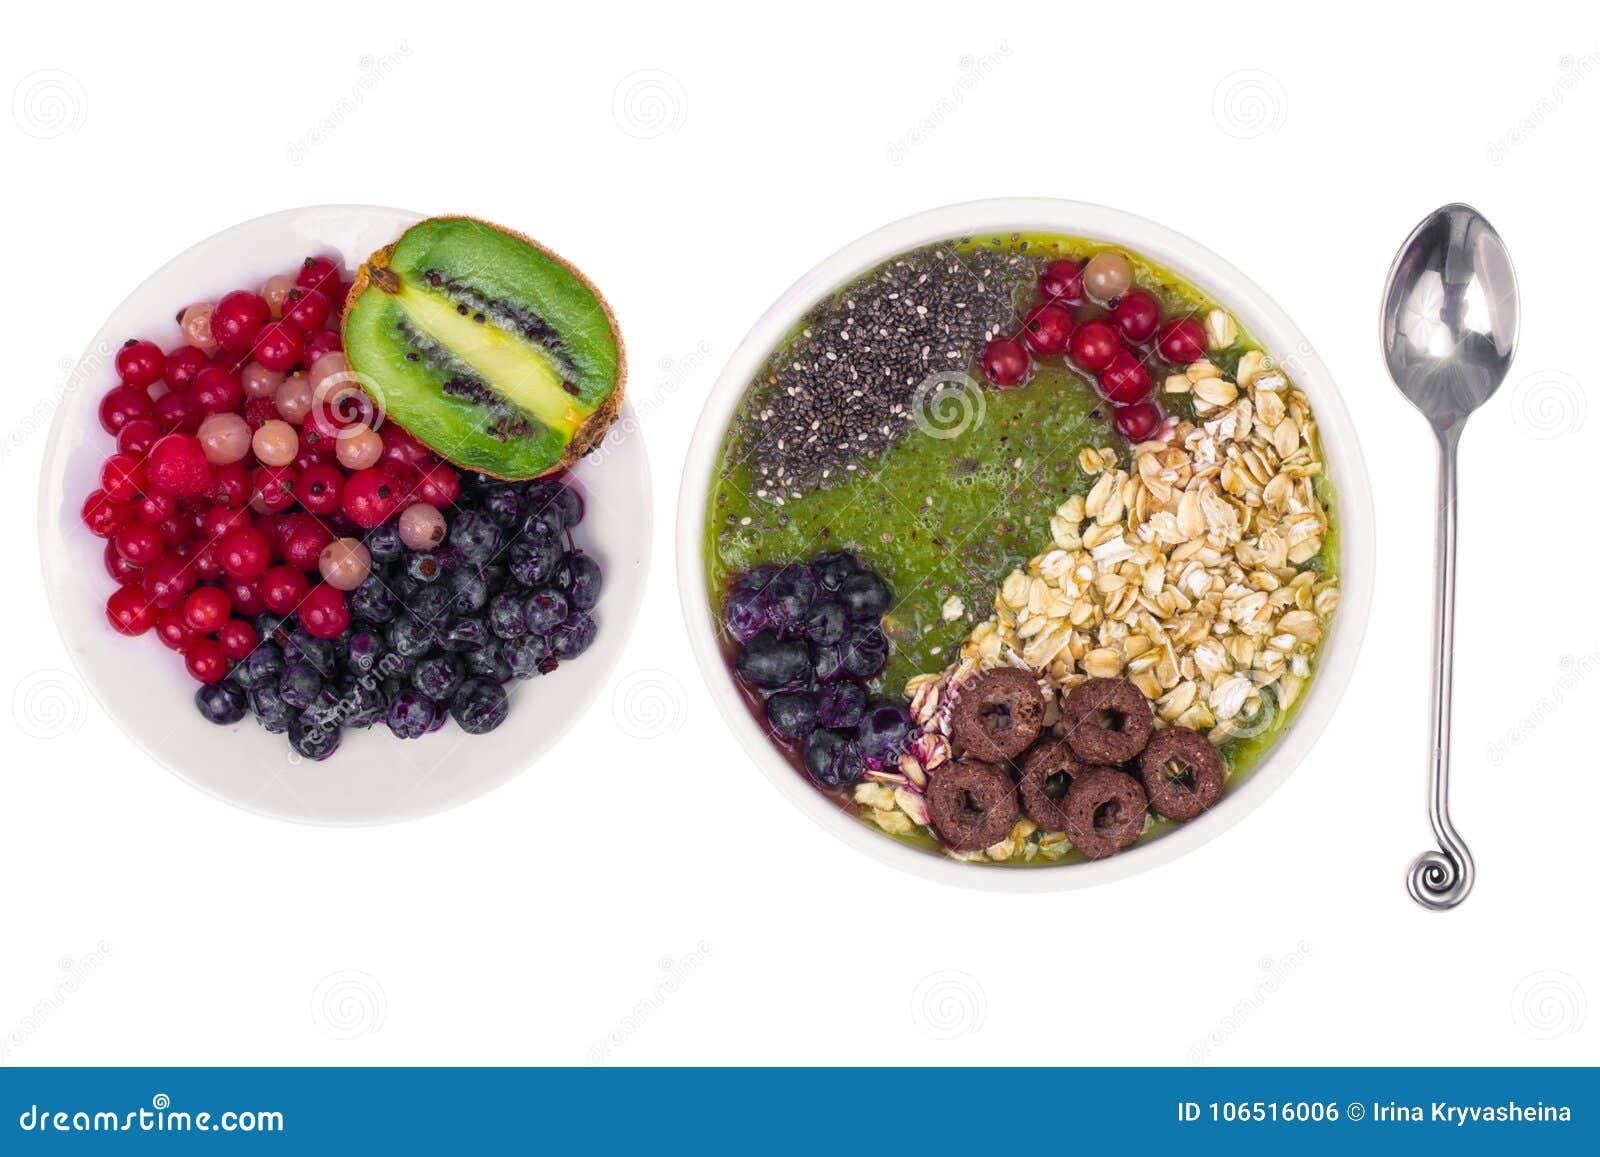 Sund vegetarisk Näring-frukt och Berry Smoothie With Oat Flakes och Chia Seeds